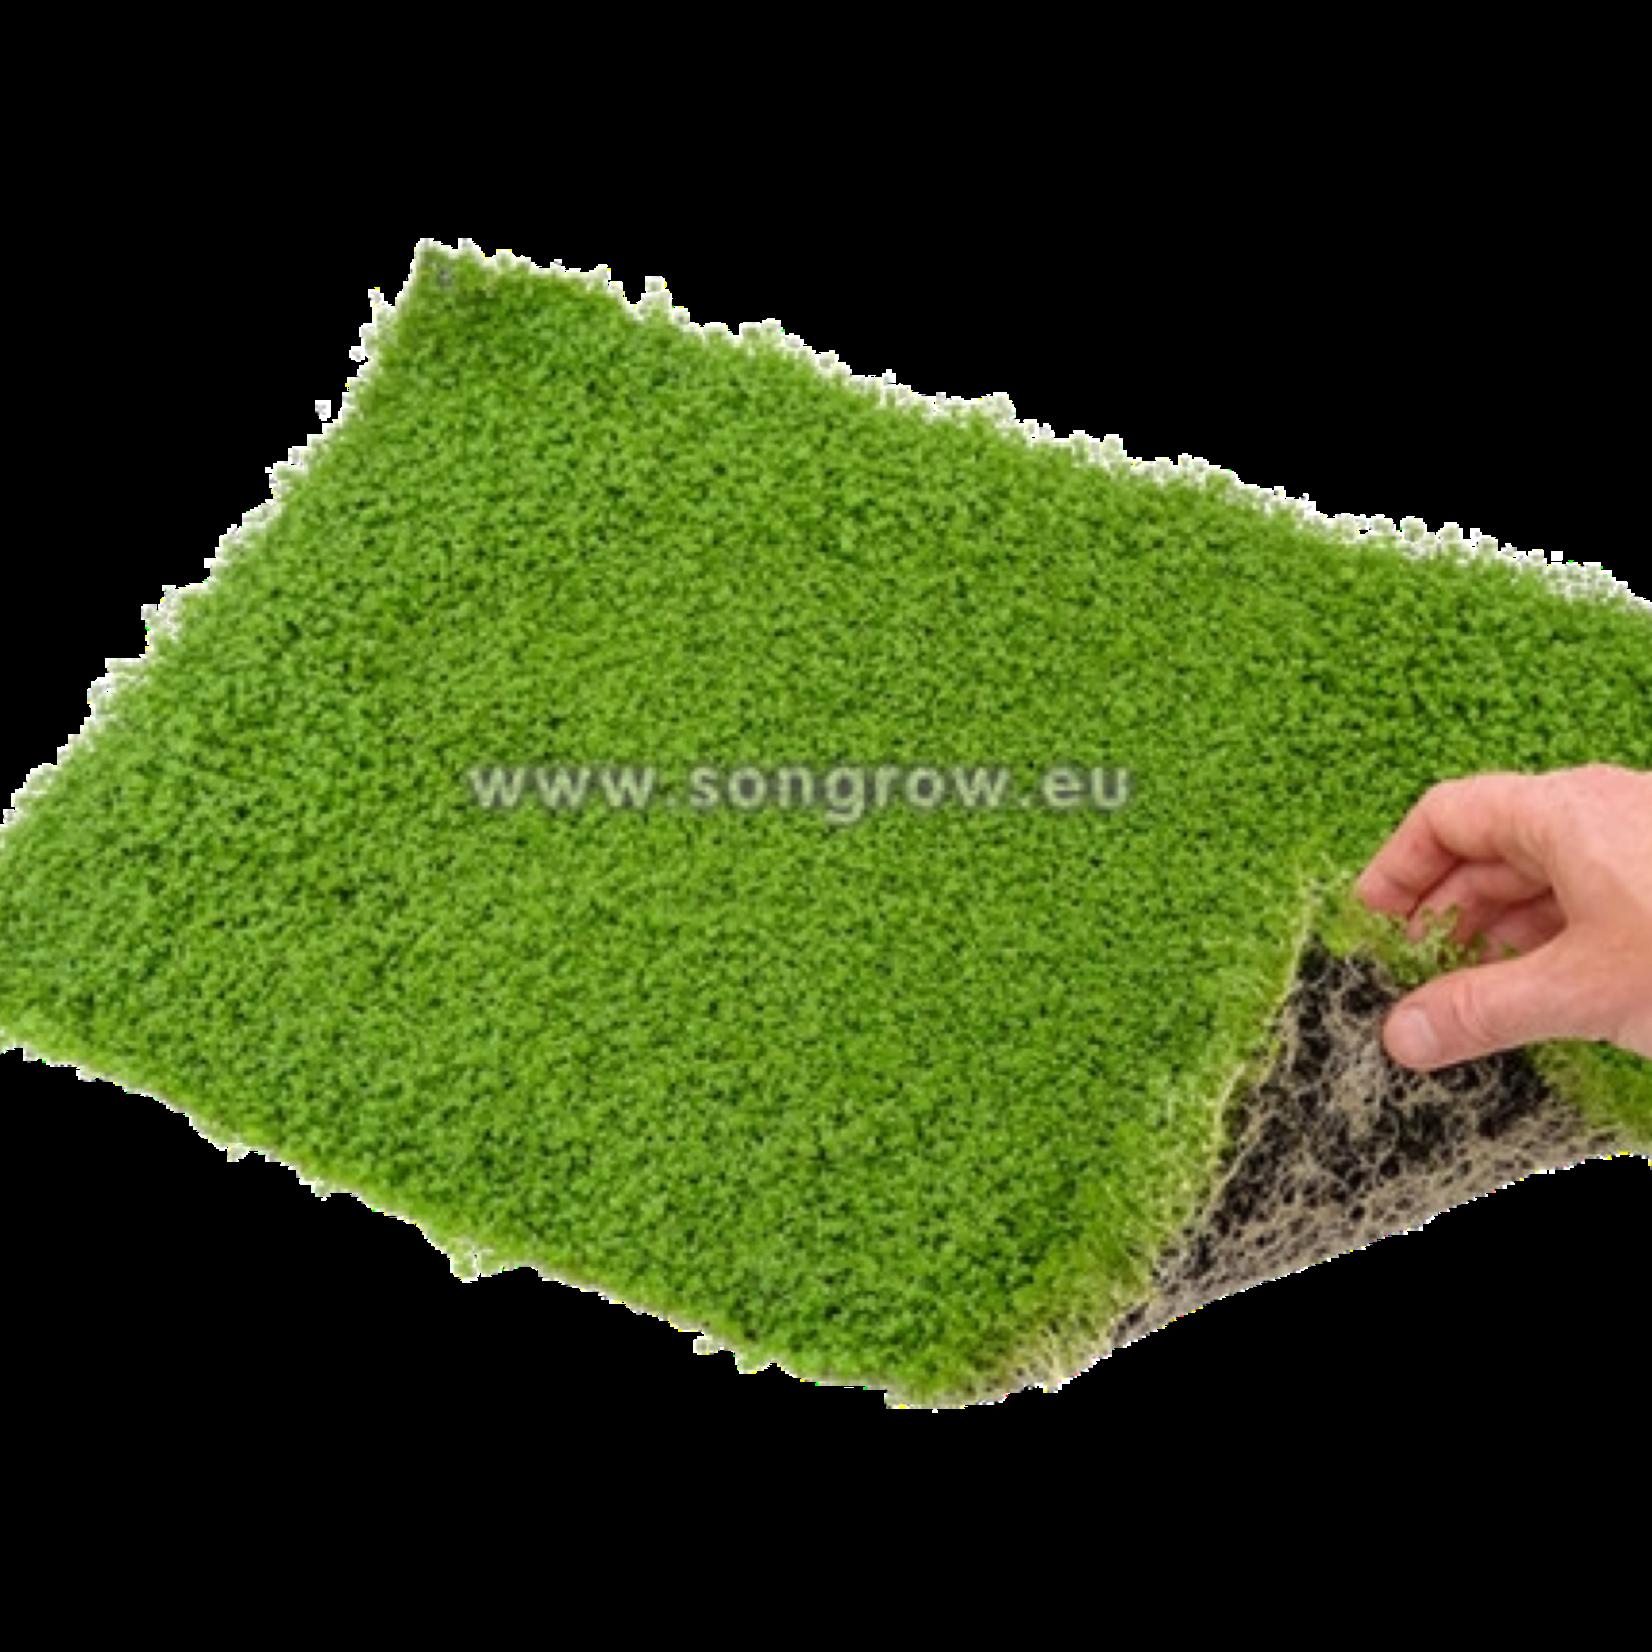 """Epaqmat Carpet Hemianthus callitrichoides """"Cuba"""""""